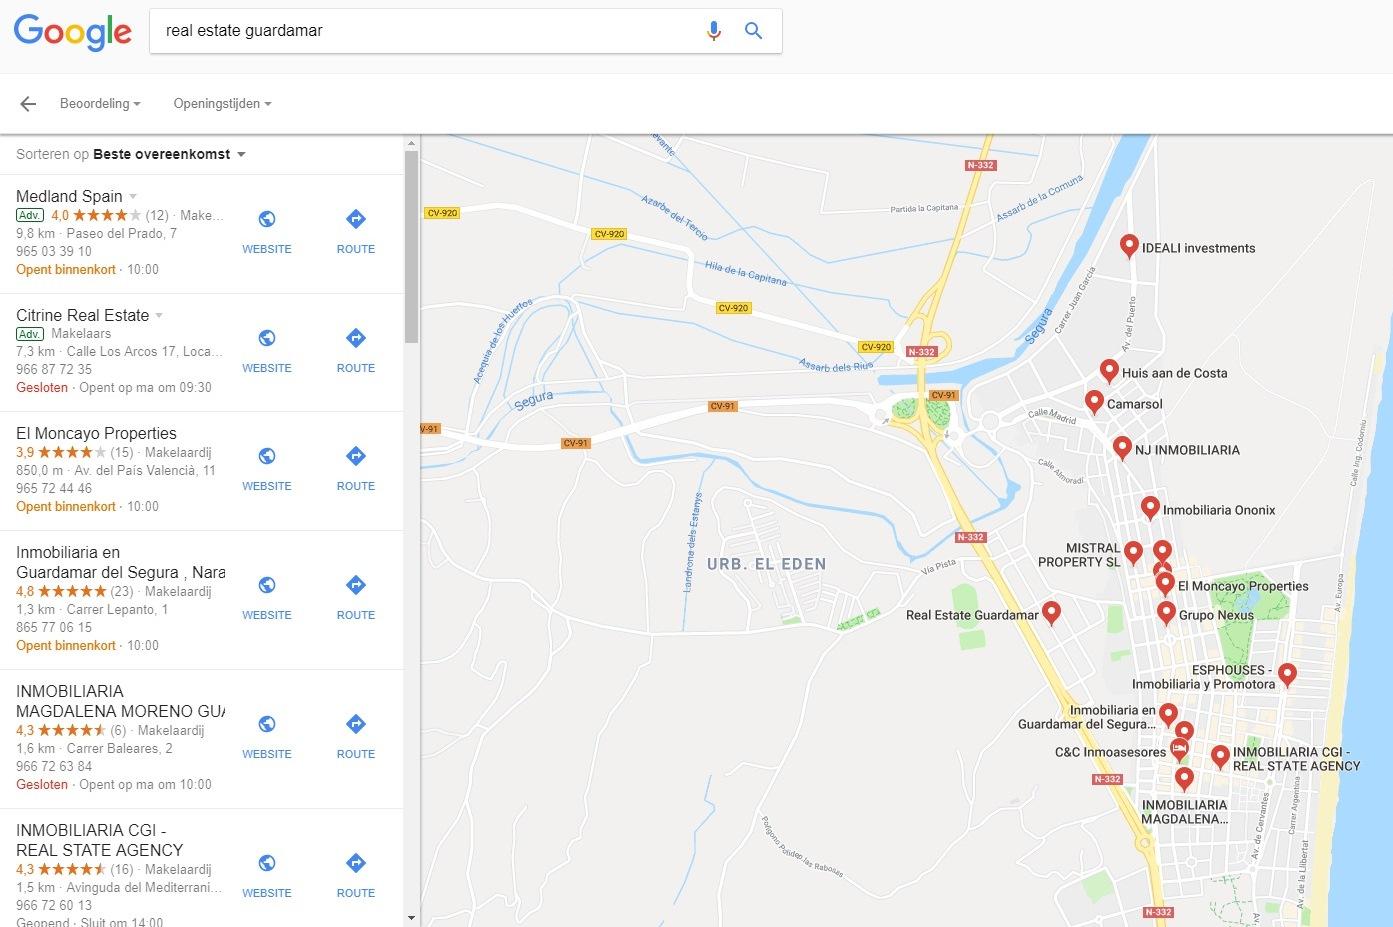 Vindbaarheid in Google-zoekresultaat-real-estate-guardamar-jpg